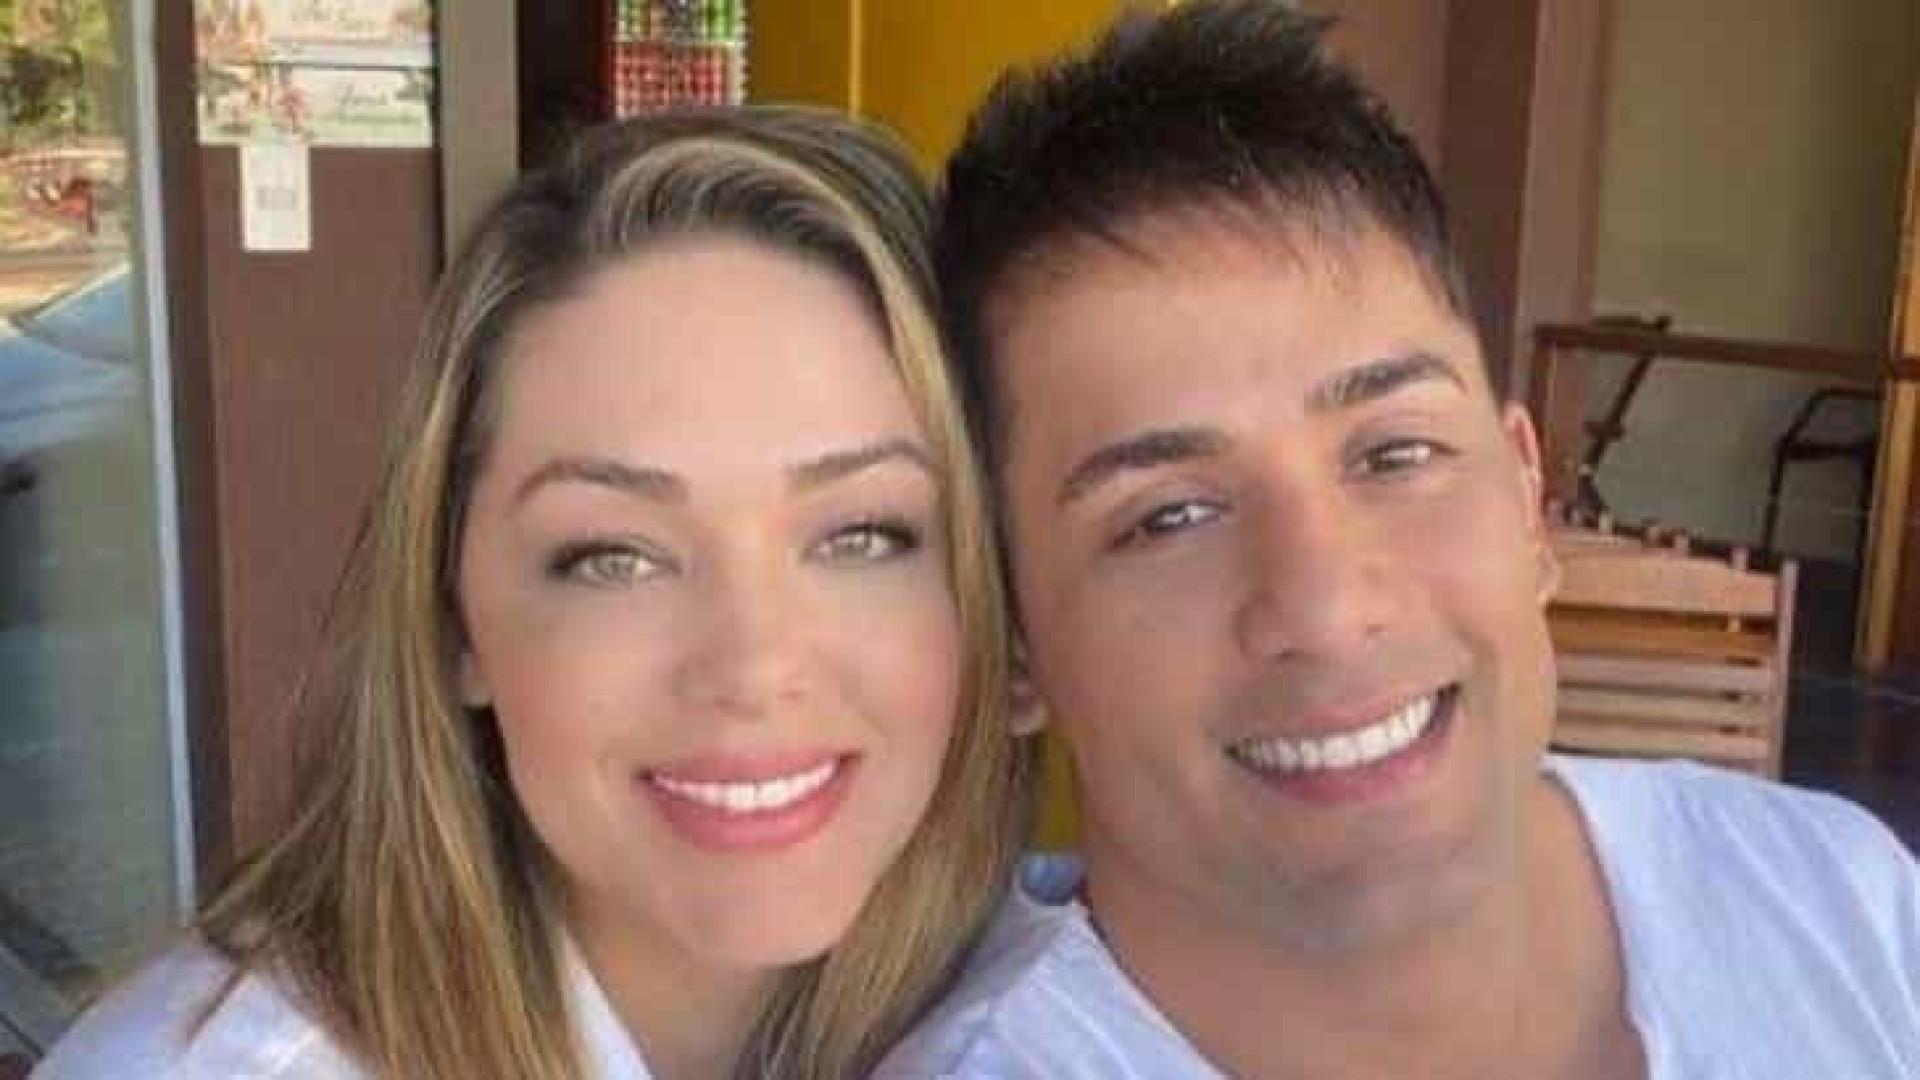 'Estamos felizes', afirma Tania Mara ao confirmar namoro com Tiago Piquilo